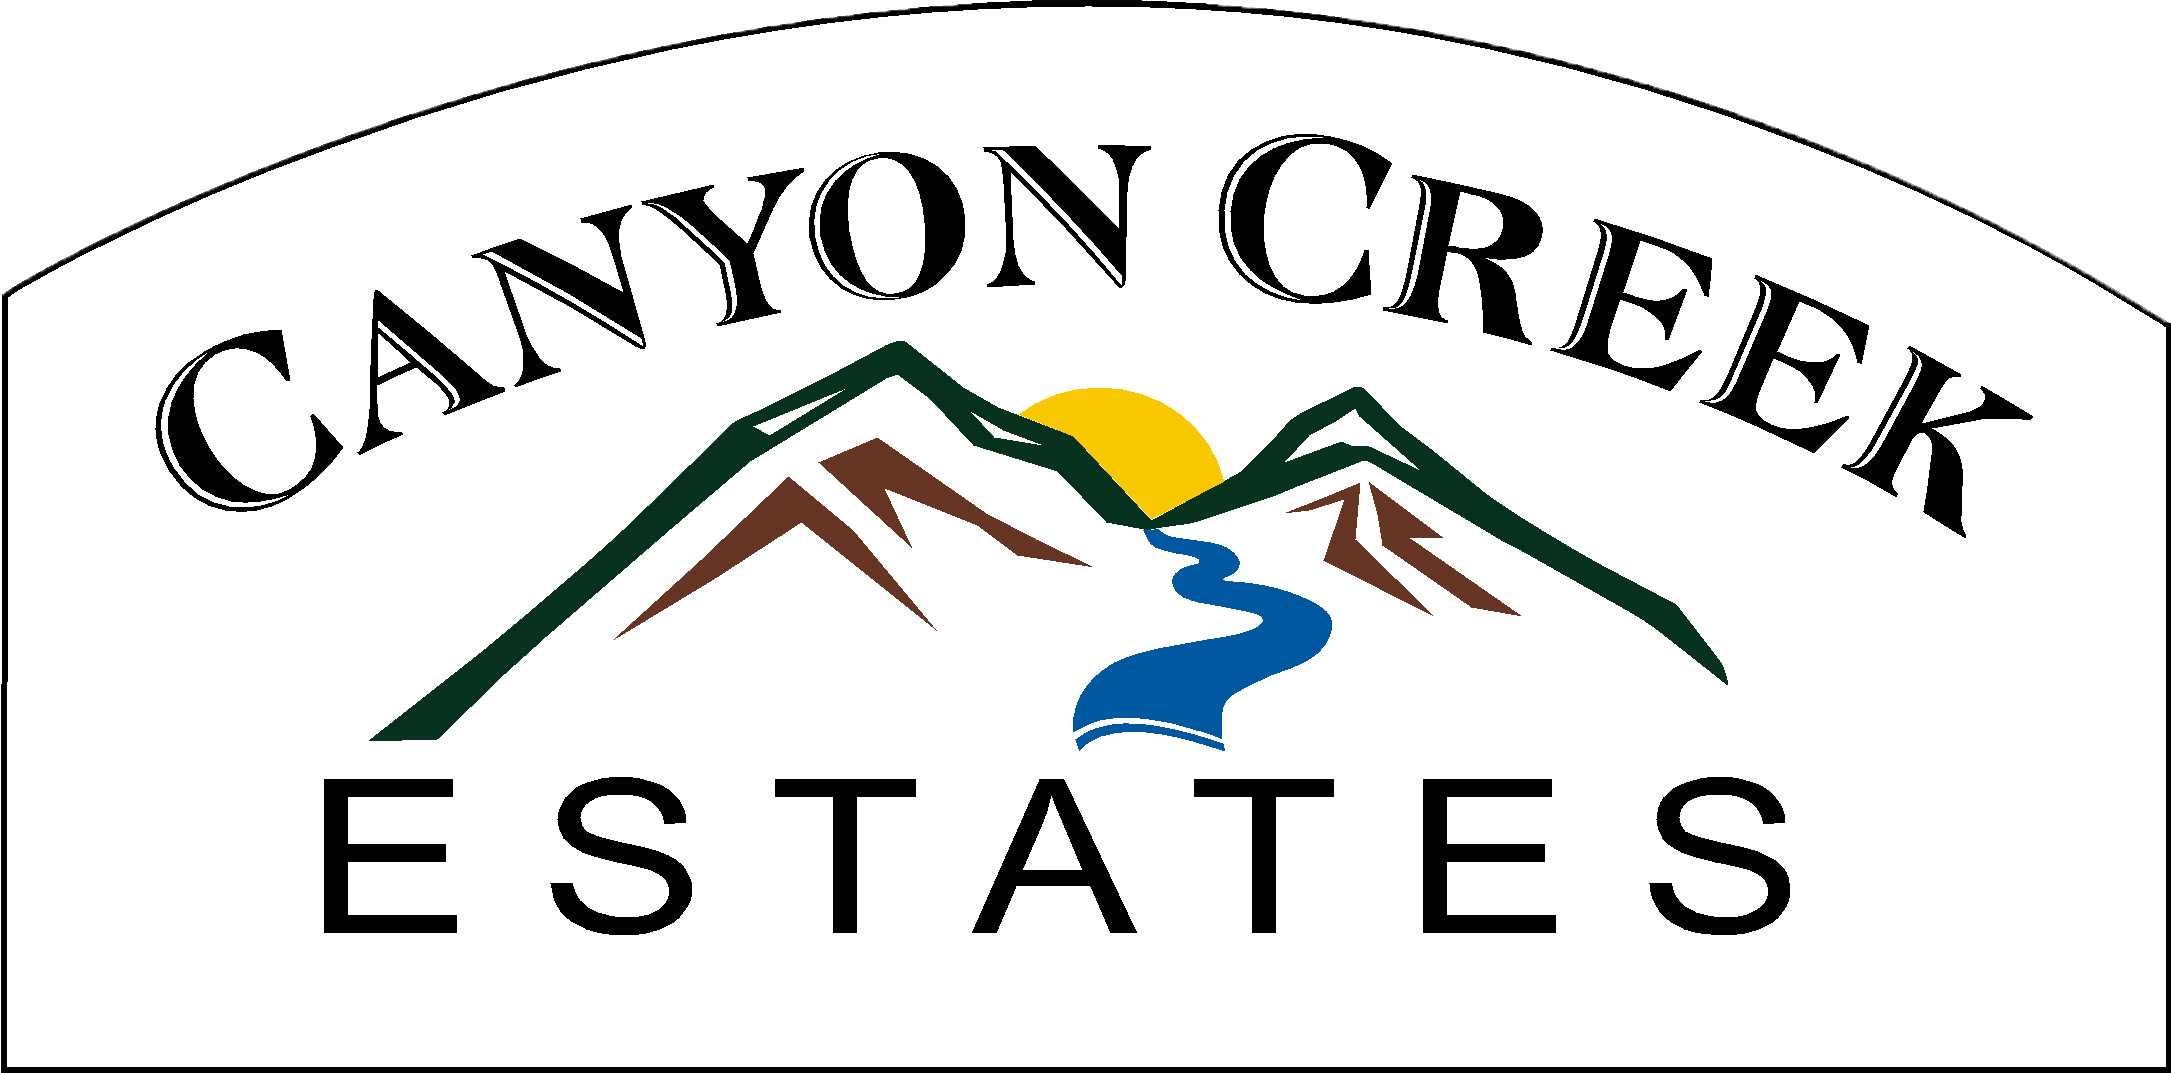 CANYON CREEK ESTATES